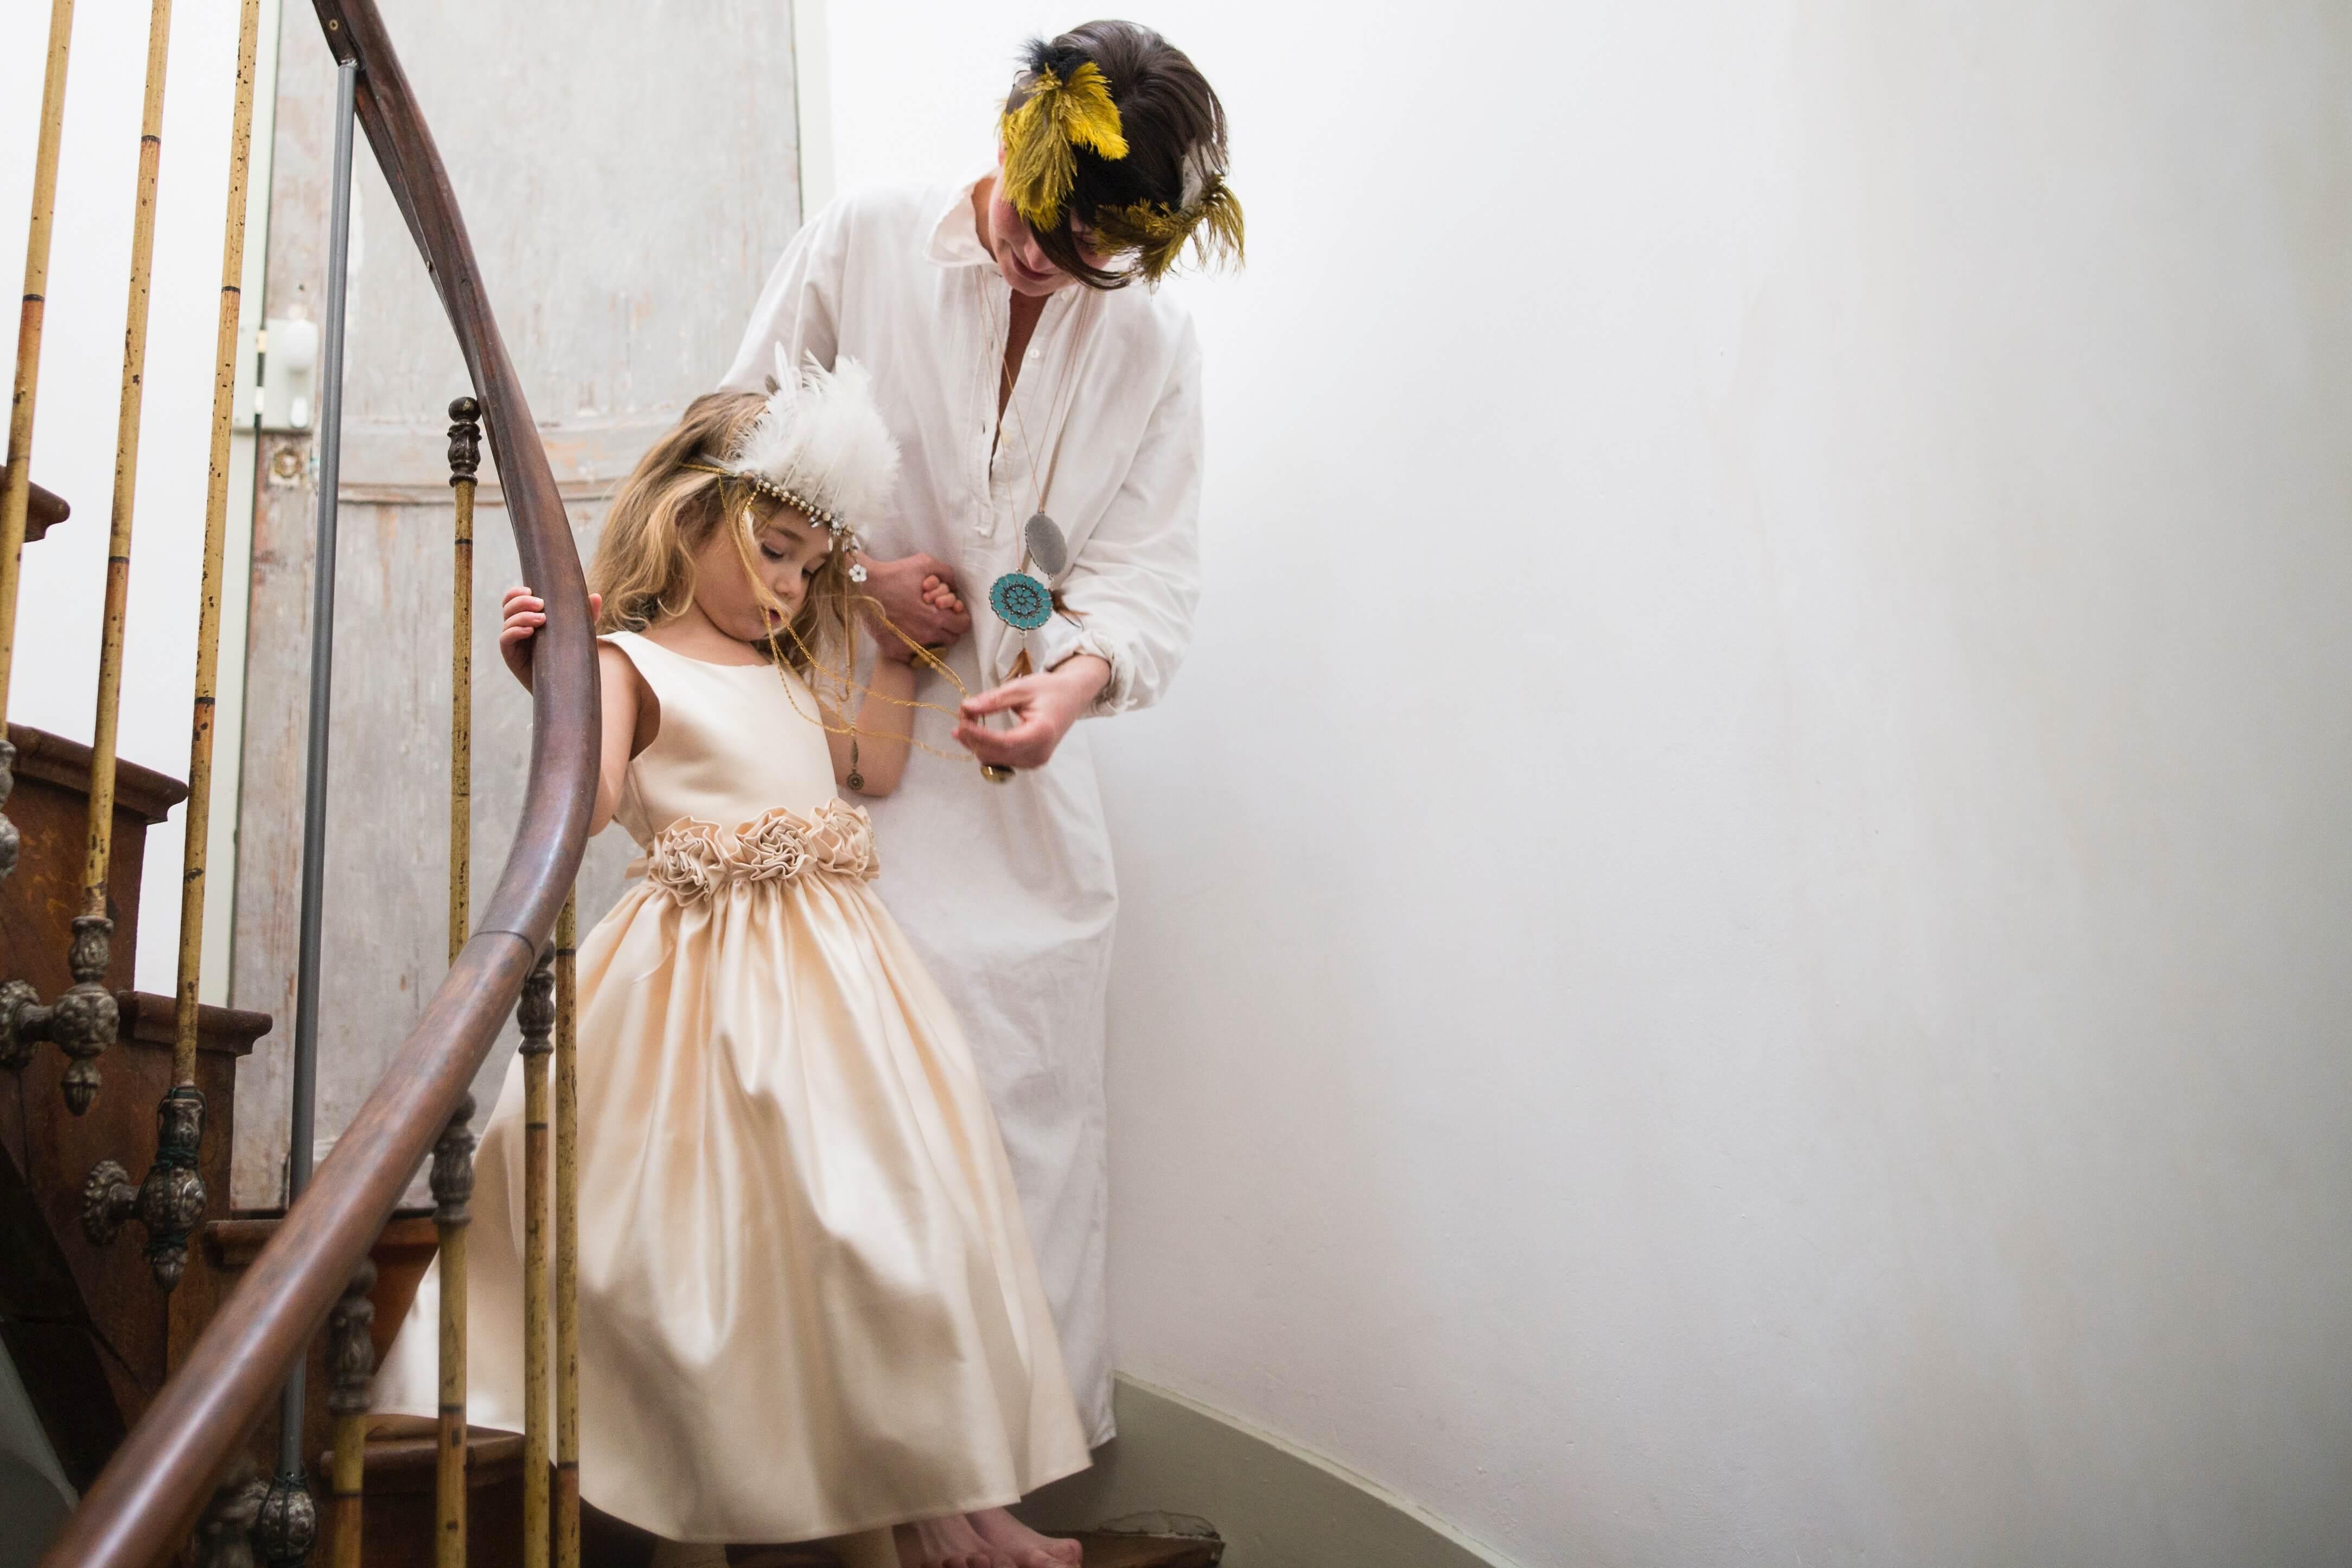 Hijos sobreprotegidos: el peligro del narcisismo